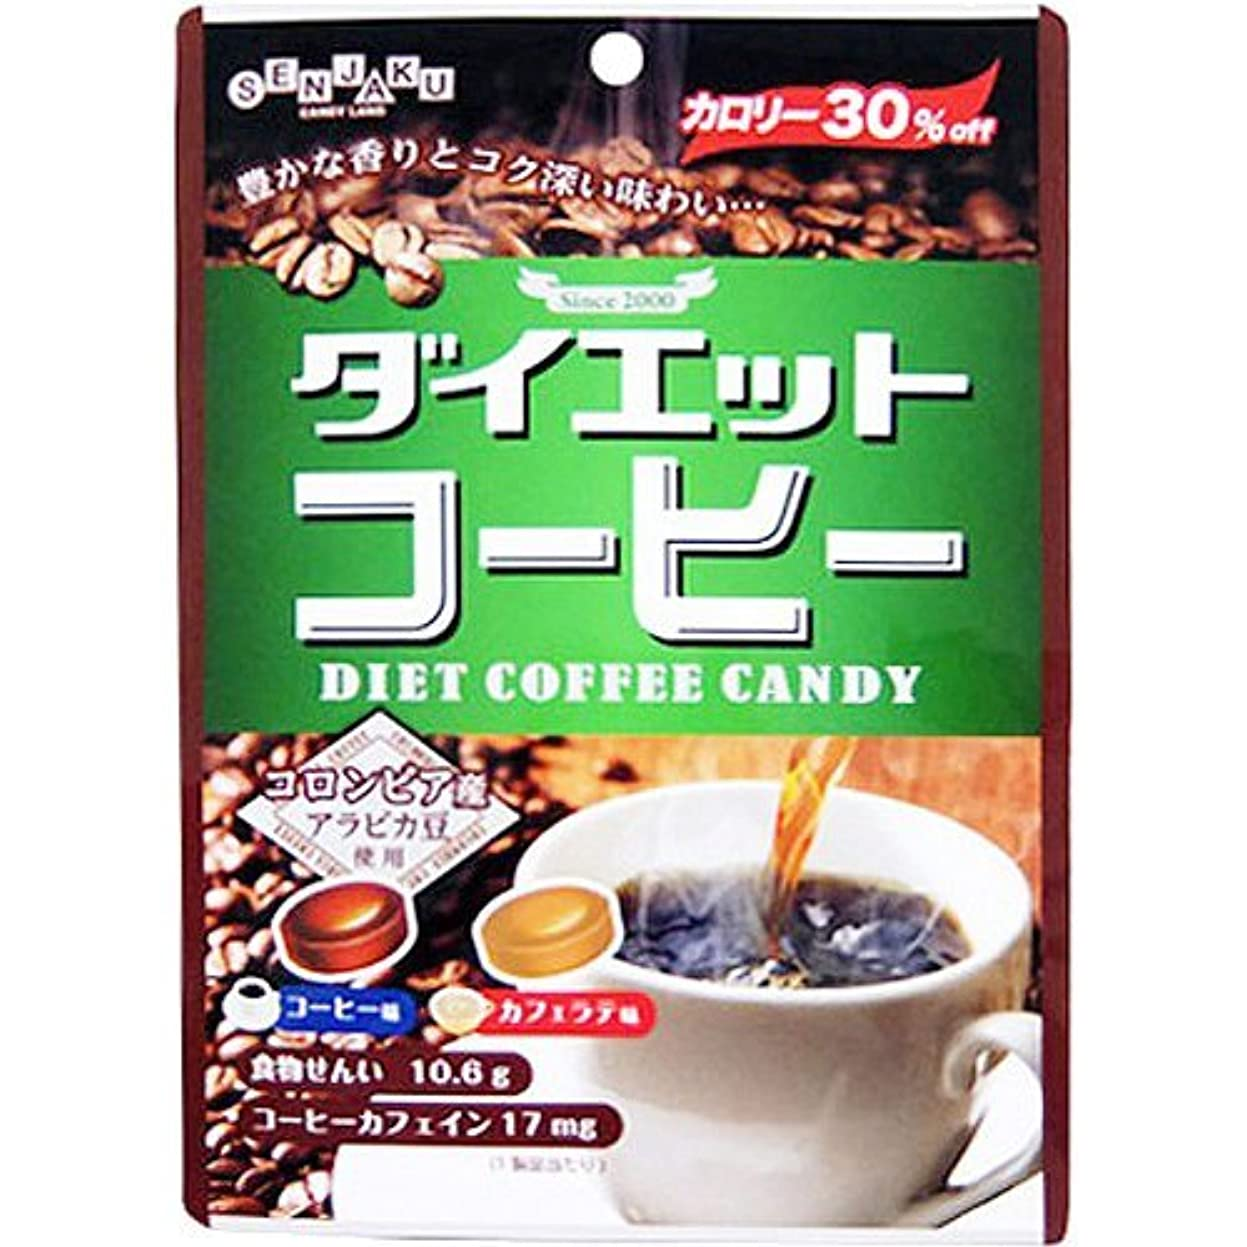 温度パウダー爬虫類扇雀飴本舗 ダイエットコーヒー 80g